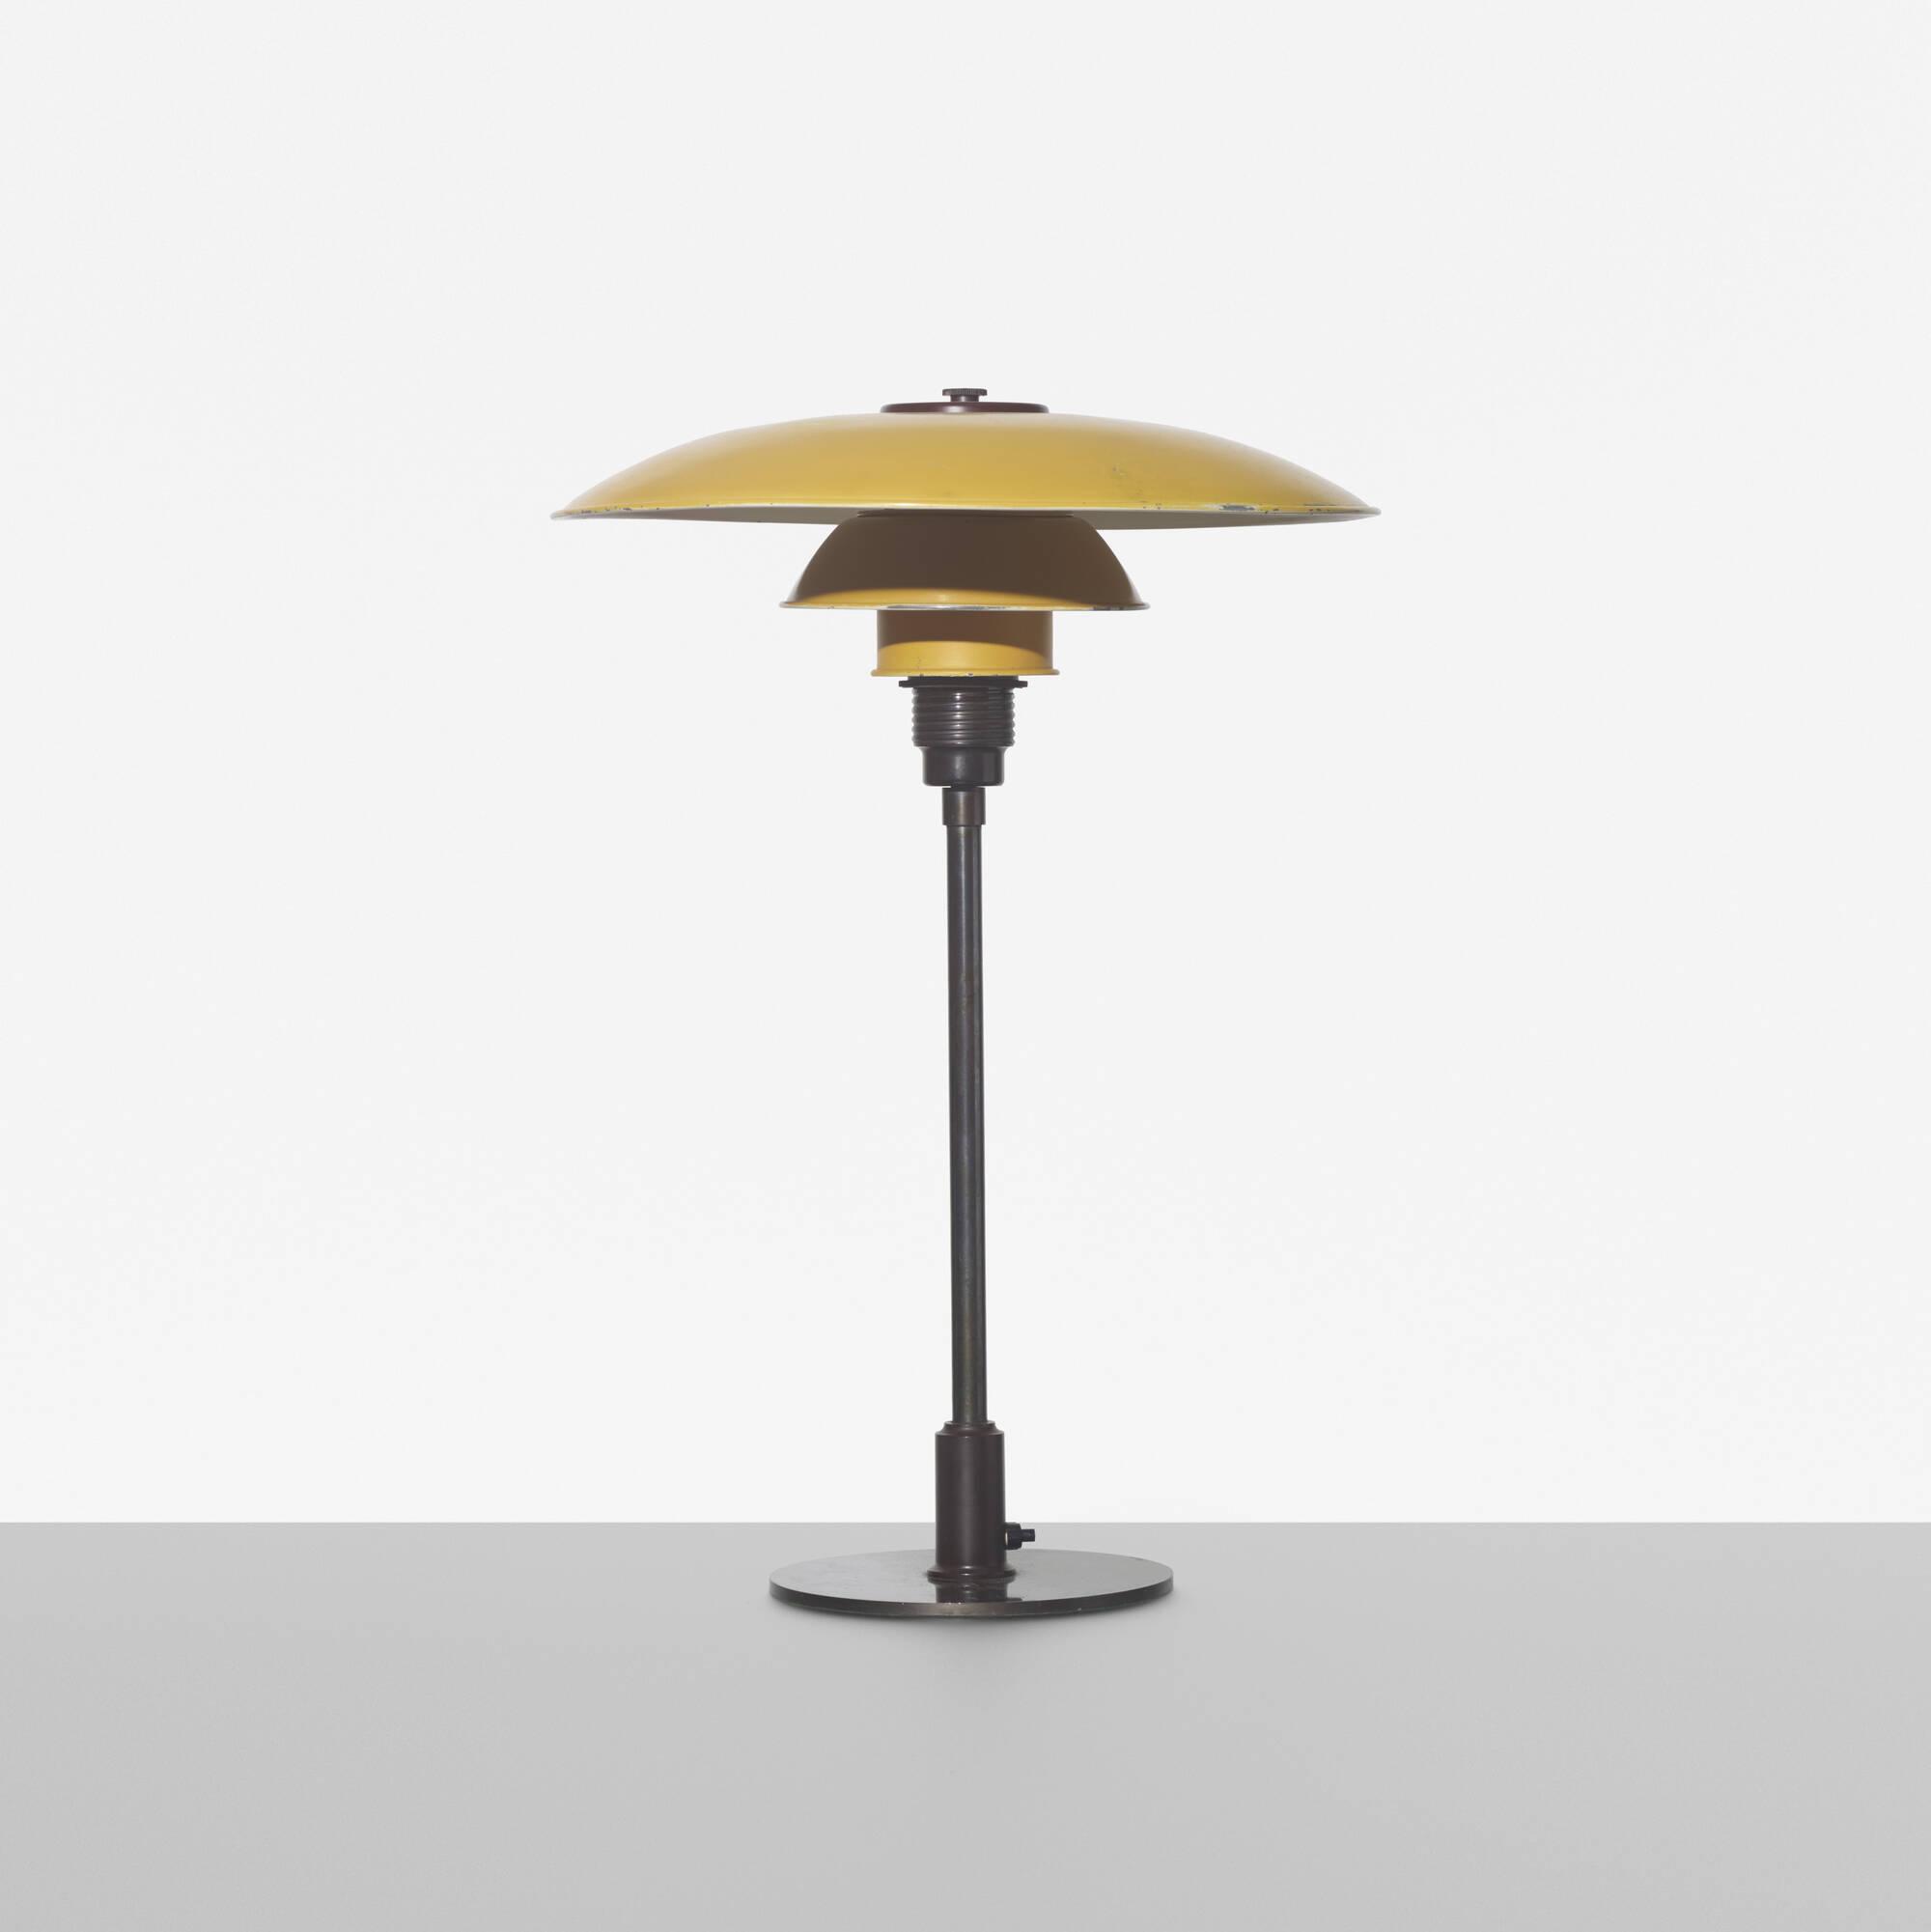 127 poul henningsen table lamp. Black Bedroom Furniture Sets. Home Design Ideas